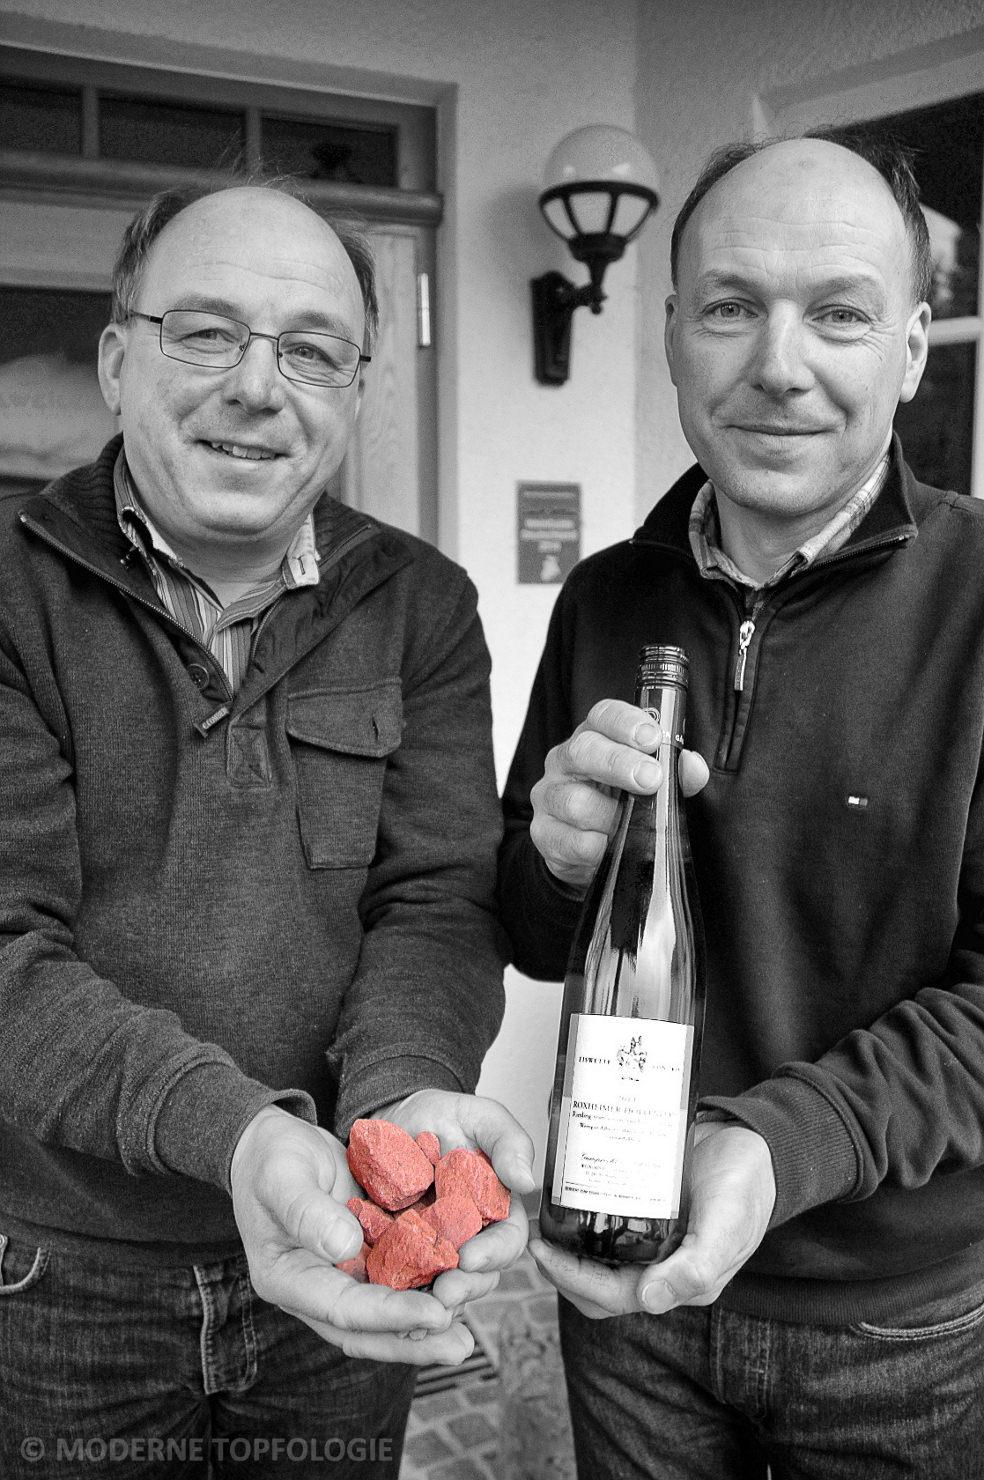 Dr. Leo Gälweiler und sein Bruder Andreas präsentieren den offizielle Eiswett-Wein, der in der Lage Roxheimer Höllenpfad auf rotem Sandsteinverwitterungsboden gewachsen ist.